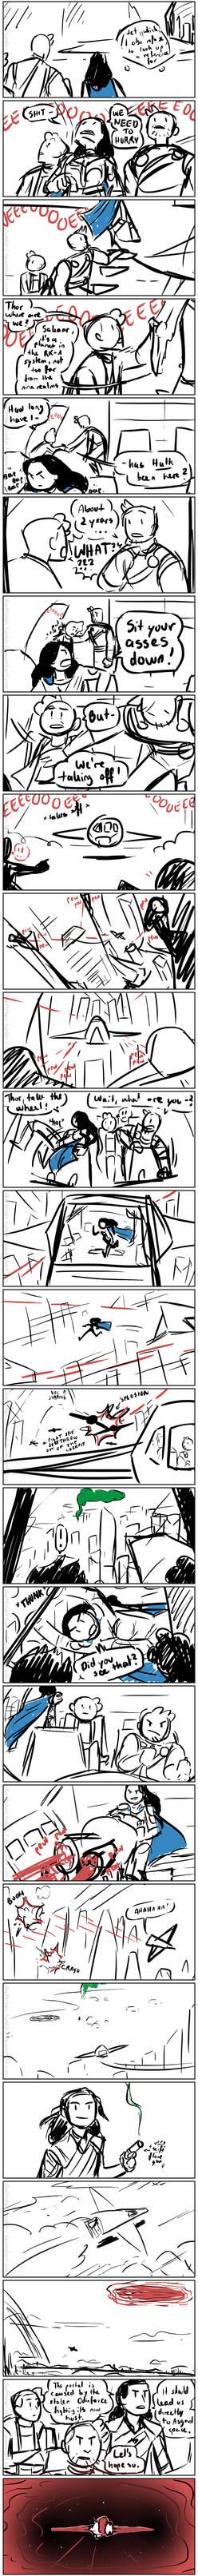 Ragnarok - page 21/? - Escape